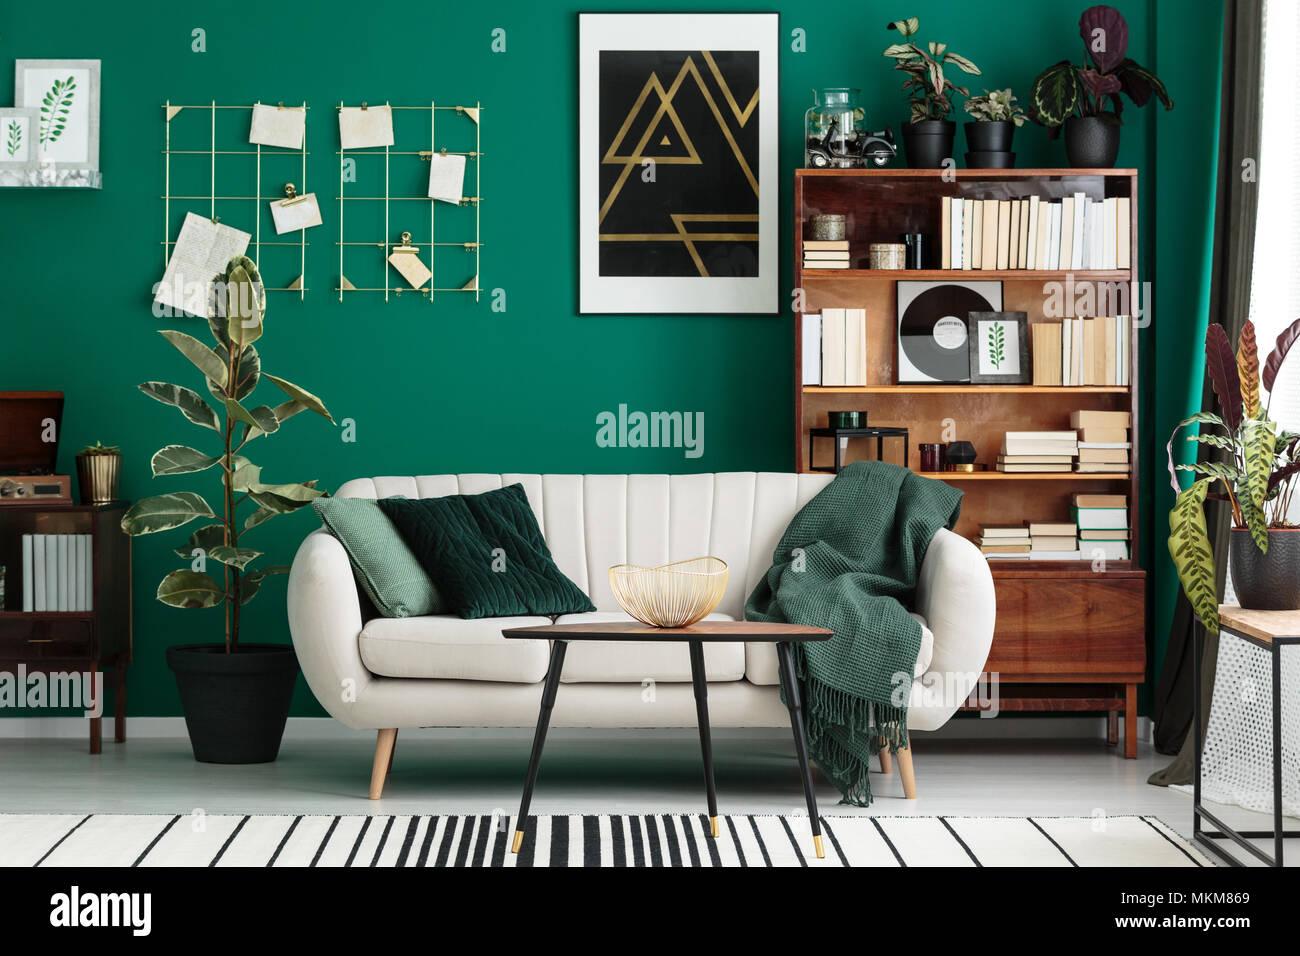 Gemütliche, Designer Wohnzimmer Mit Bibliothek, Antike Holzregal, Beige  Sofa Und Moderne, Abstrakte Kunst Auf Einem Teal Green Wall